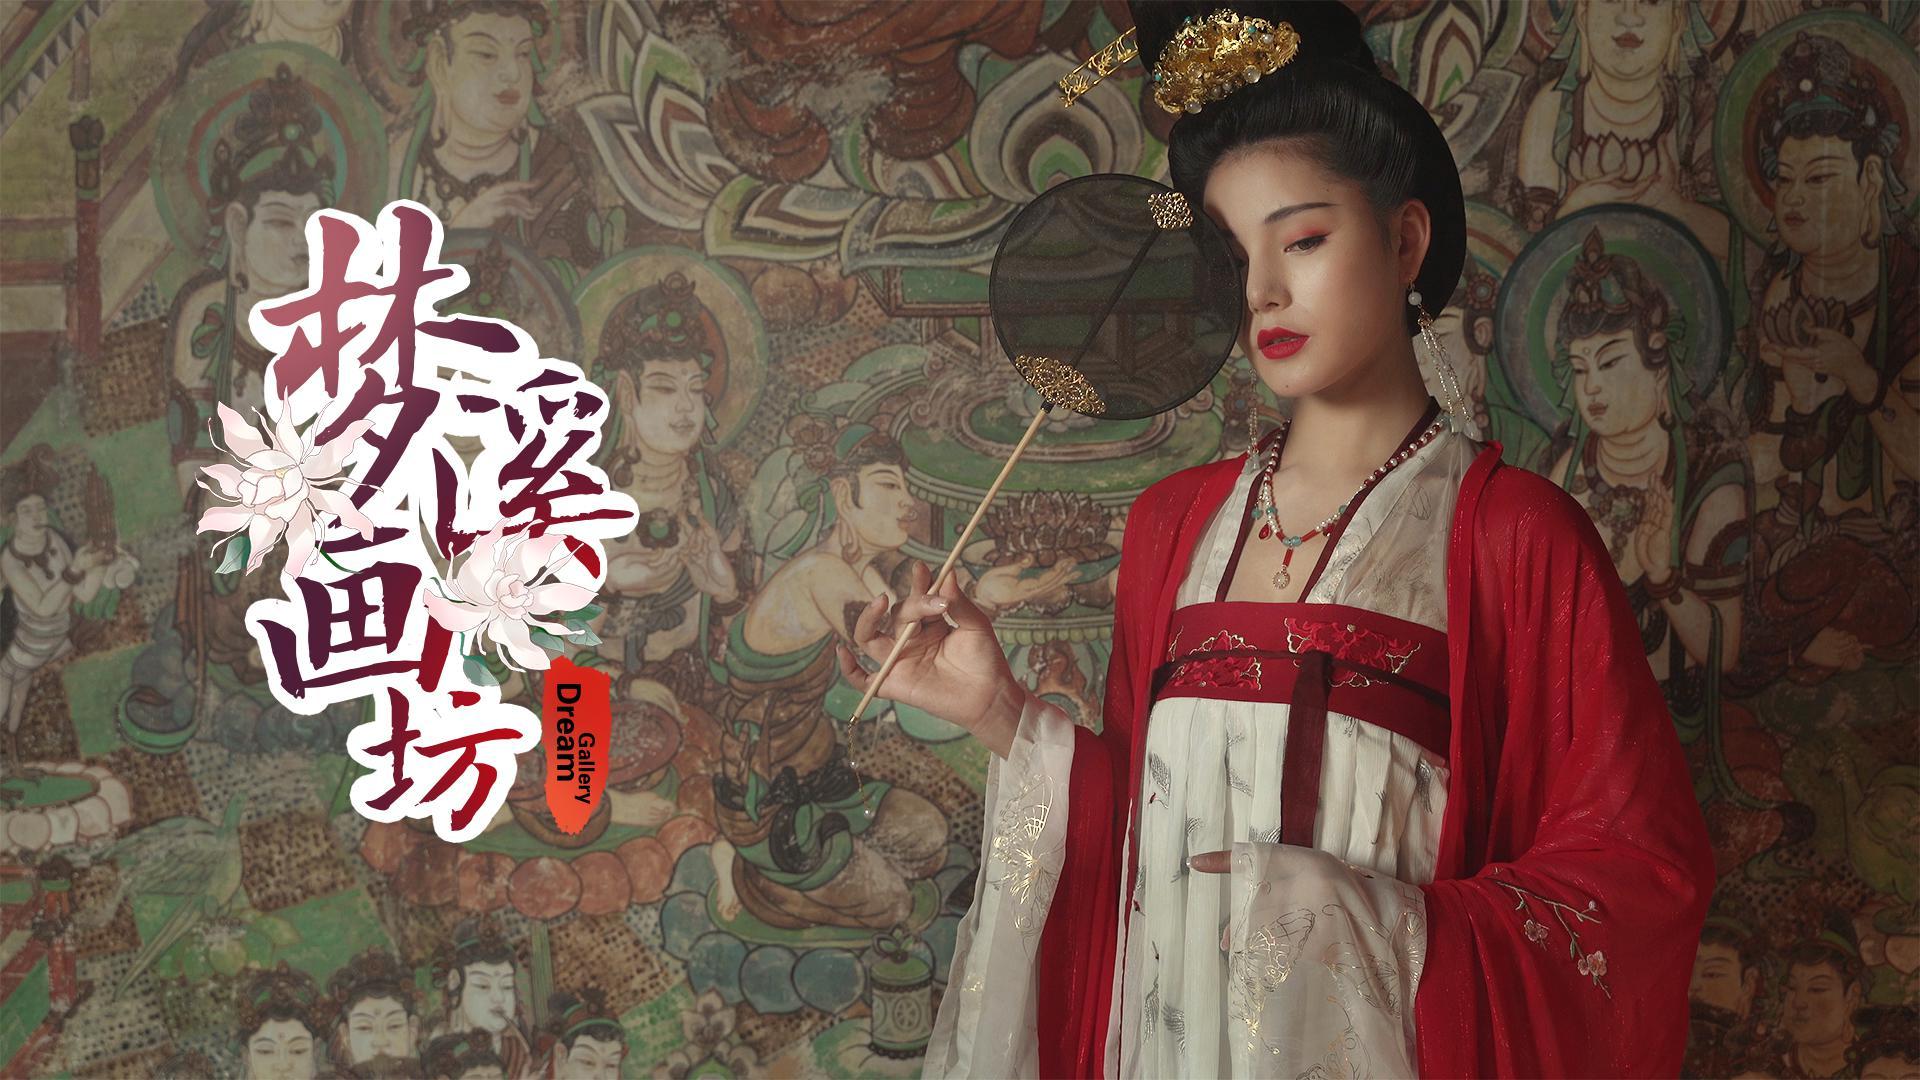 国产古风游戏《梦溪画坊》公布 拼图组合揭秘故事